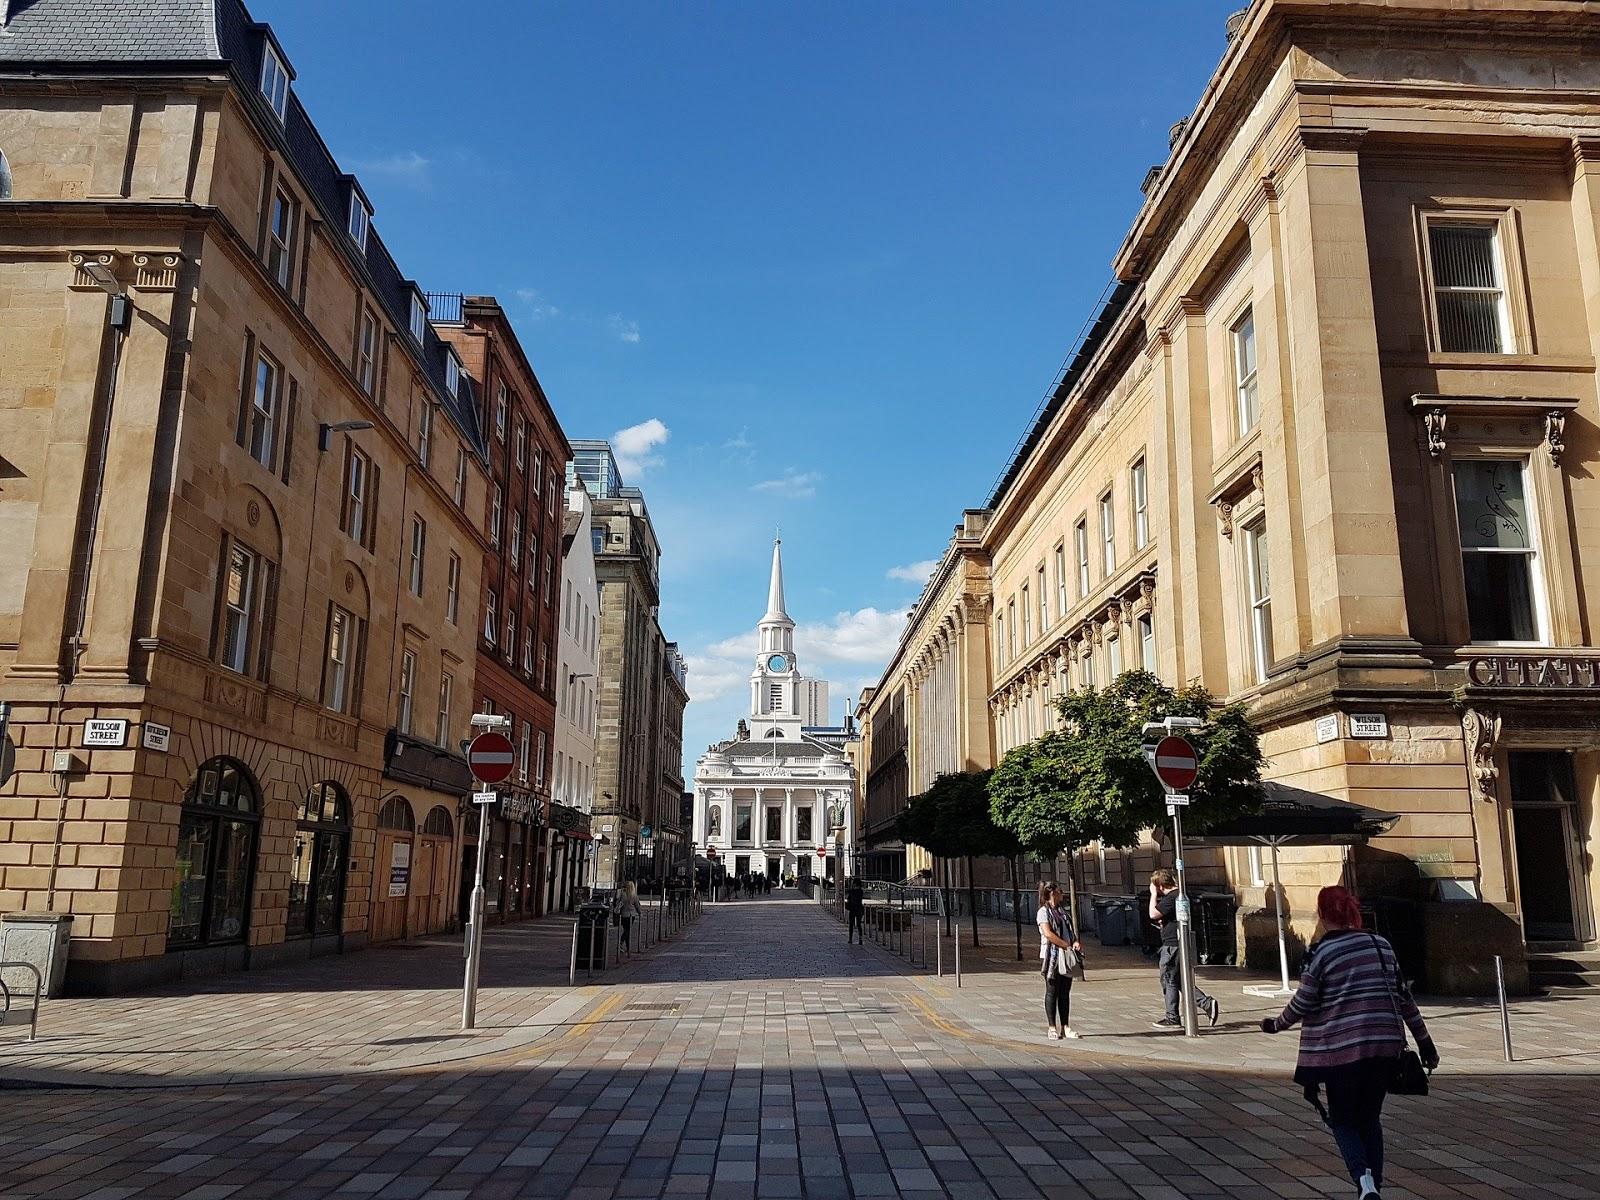 Glasgow property market